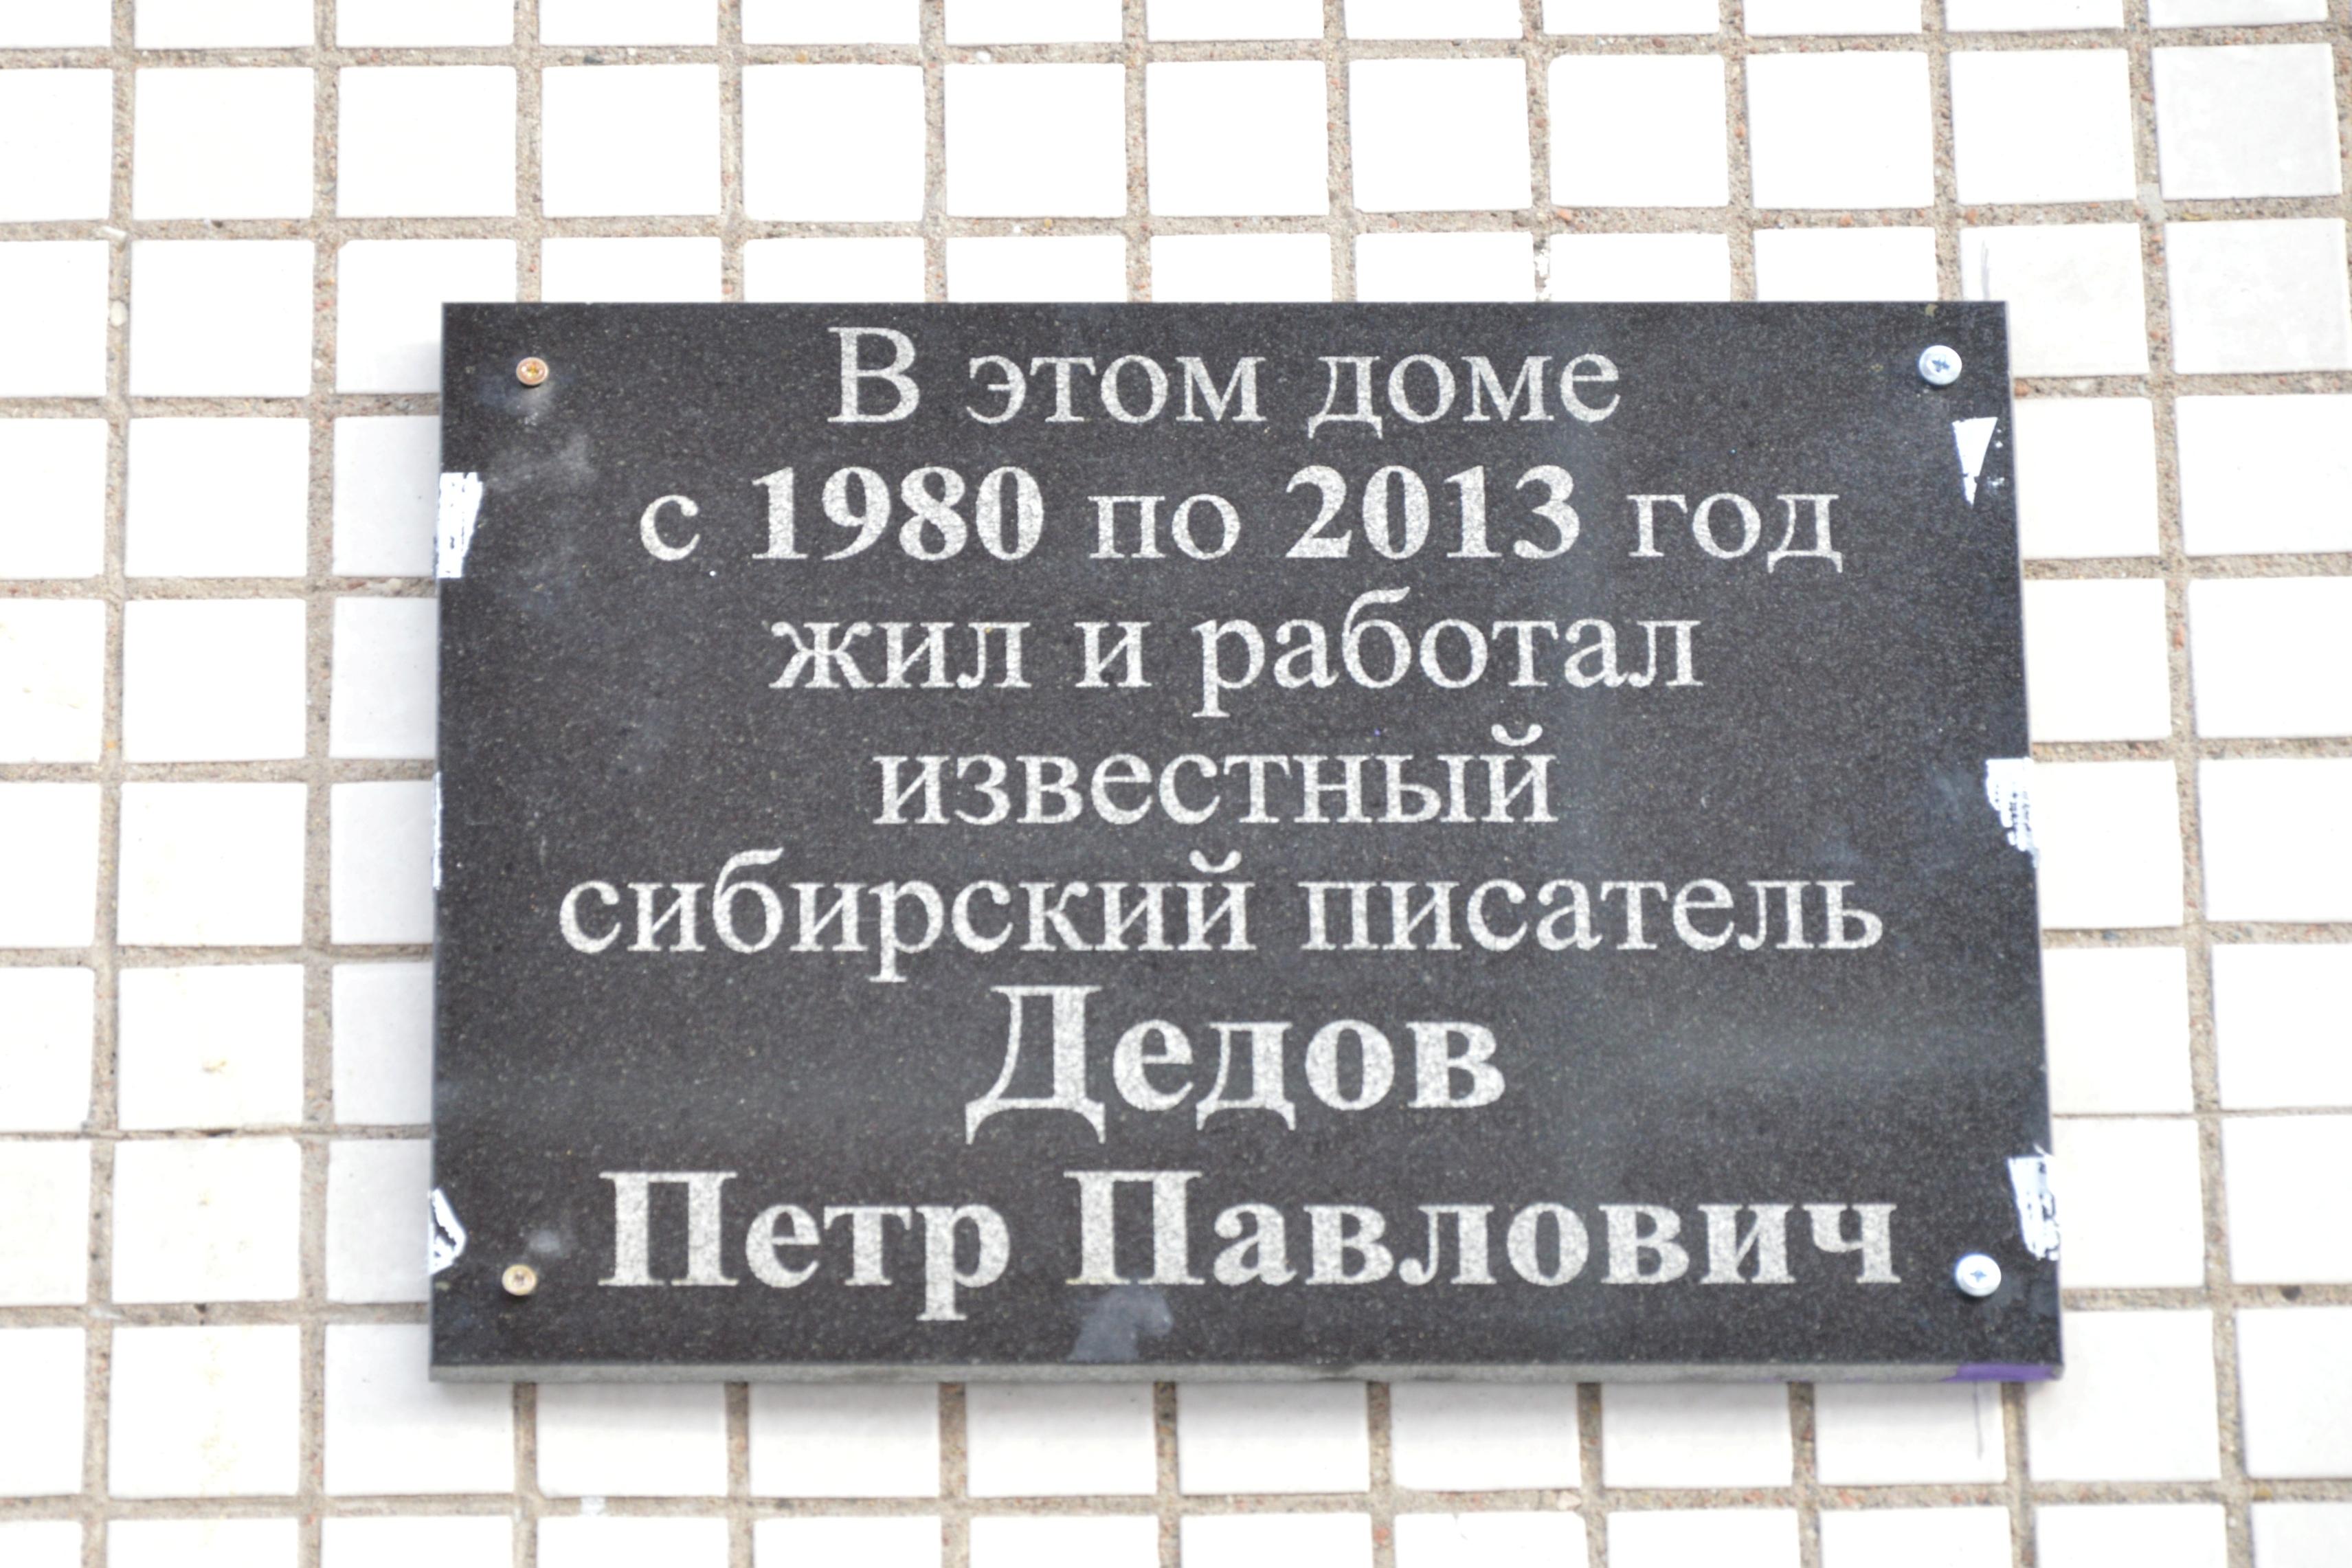 Мемориальная табличка, посвященная П.П. Дедову